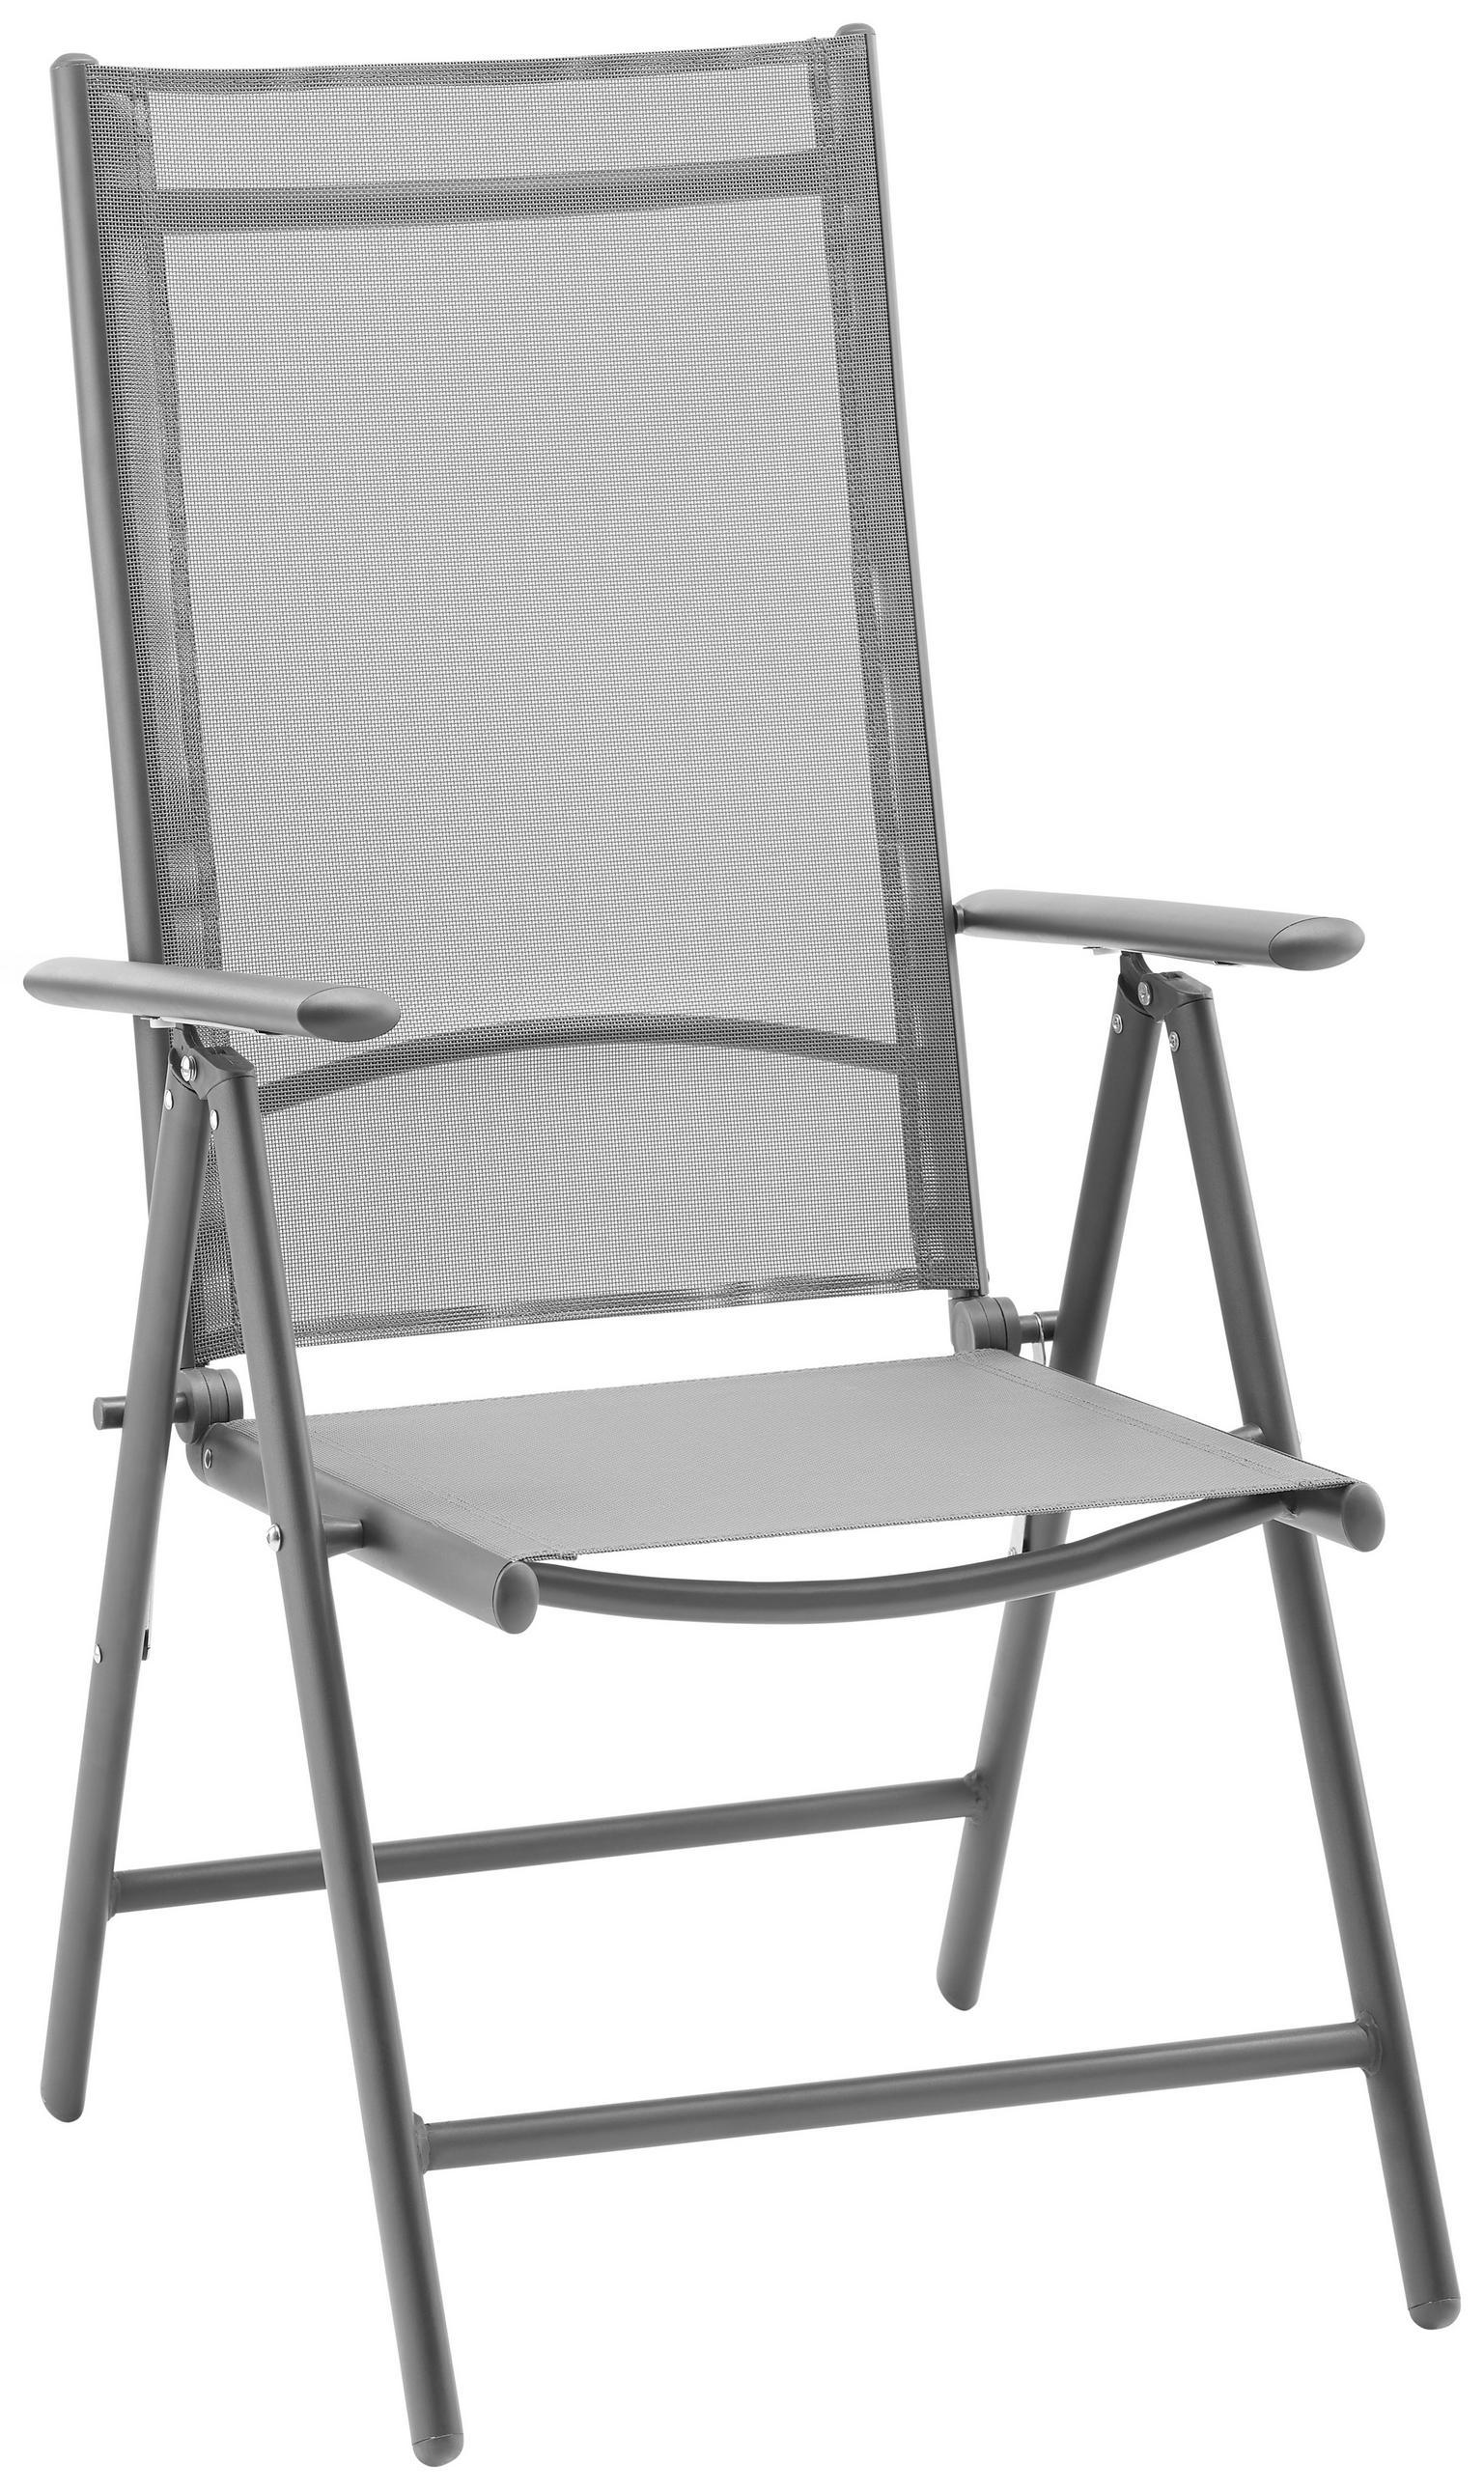 Garten-Relax-Klappstuhl aus Aluminium